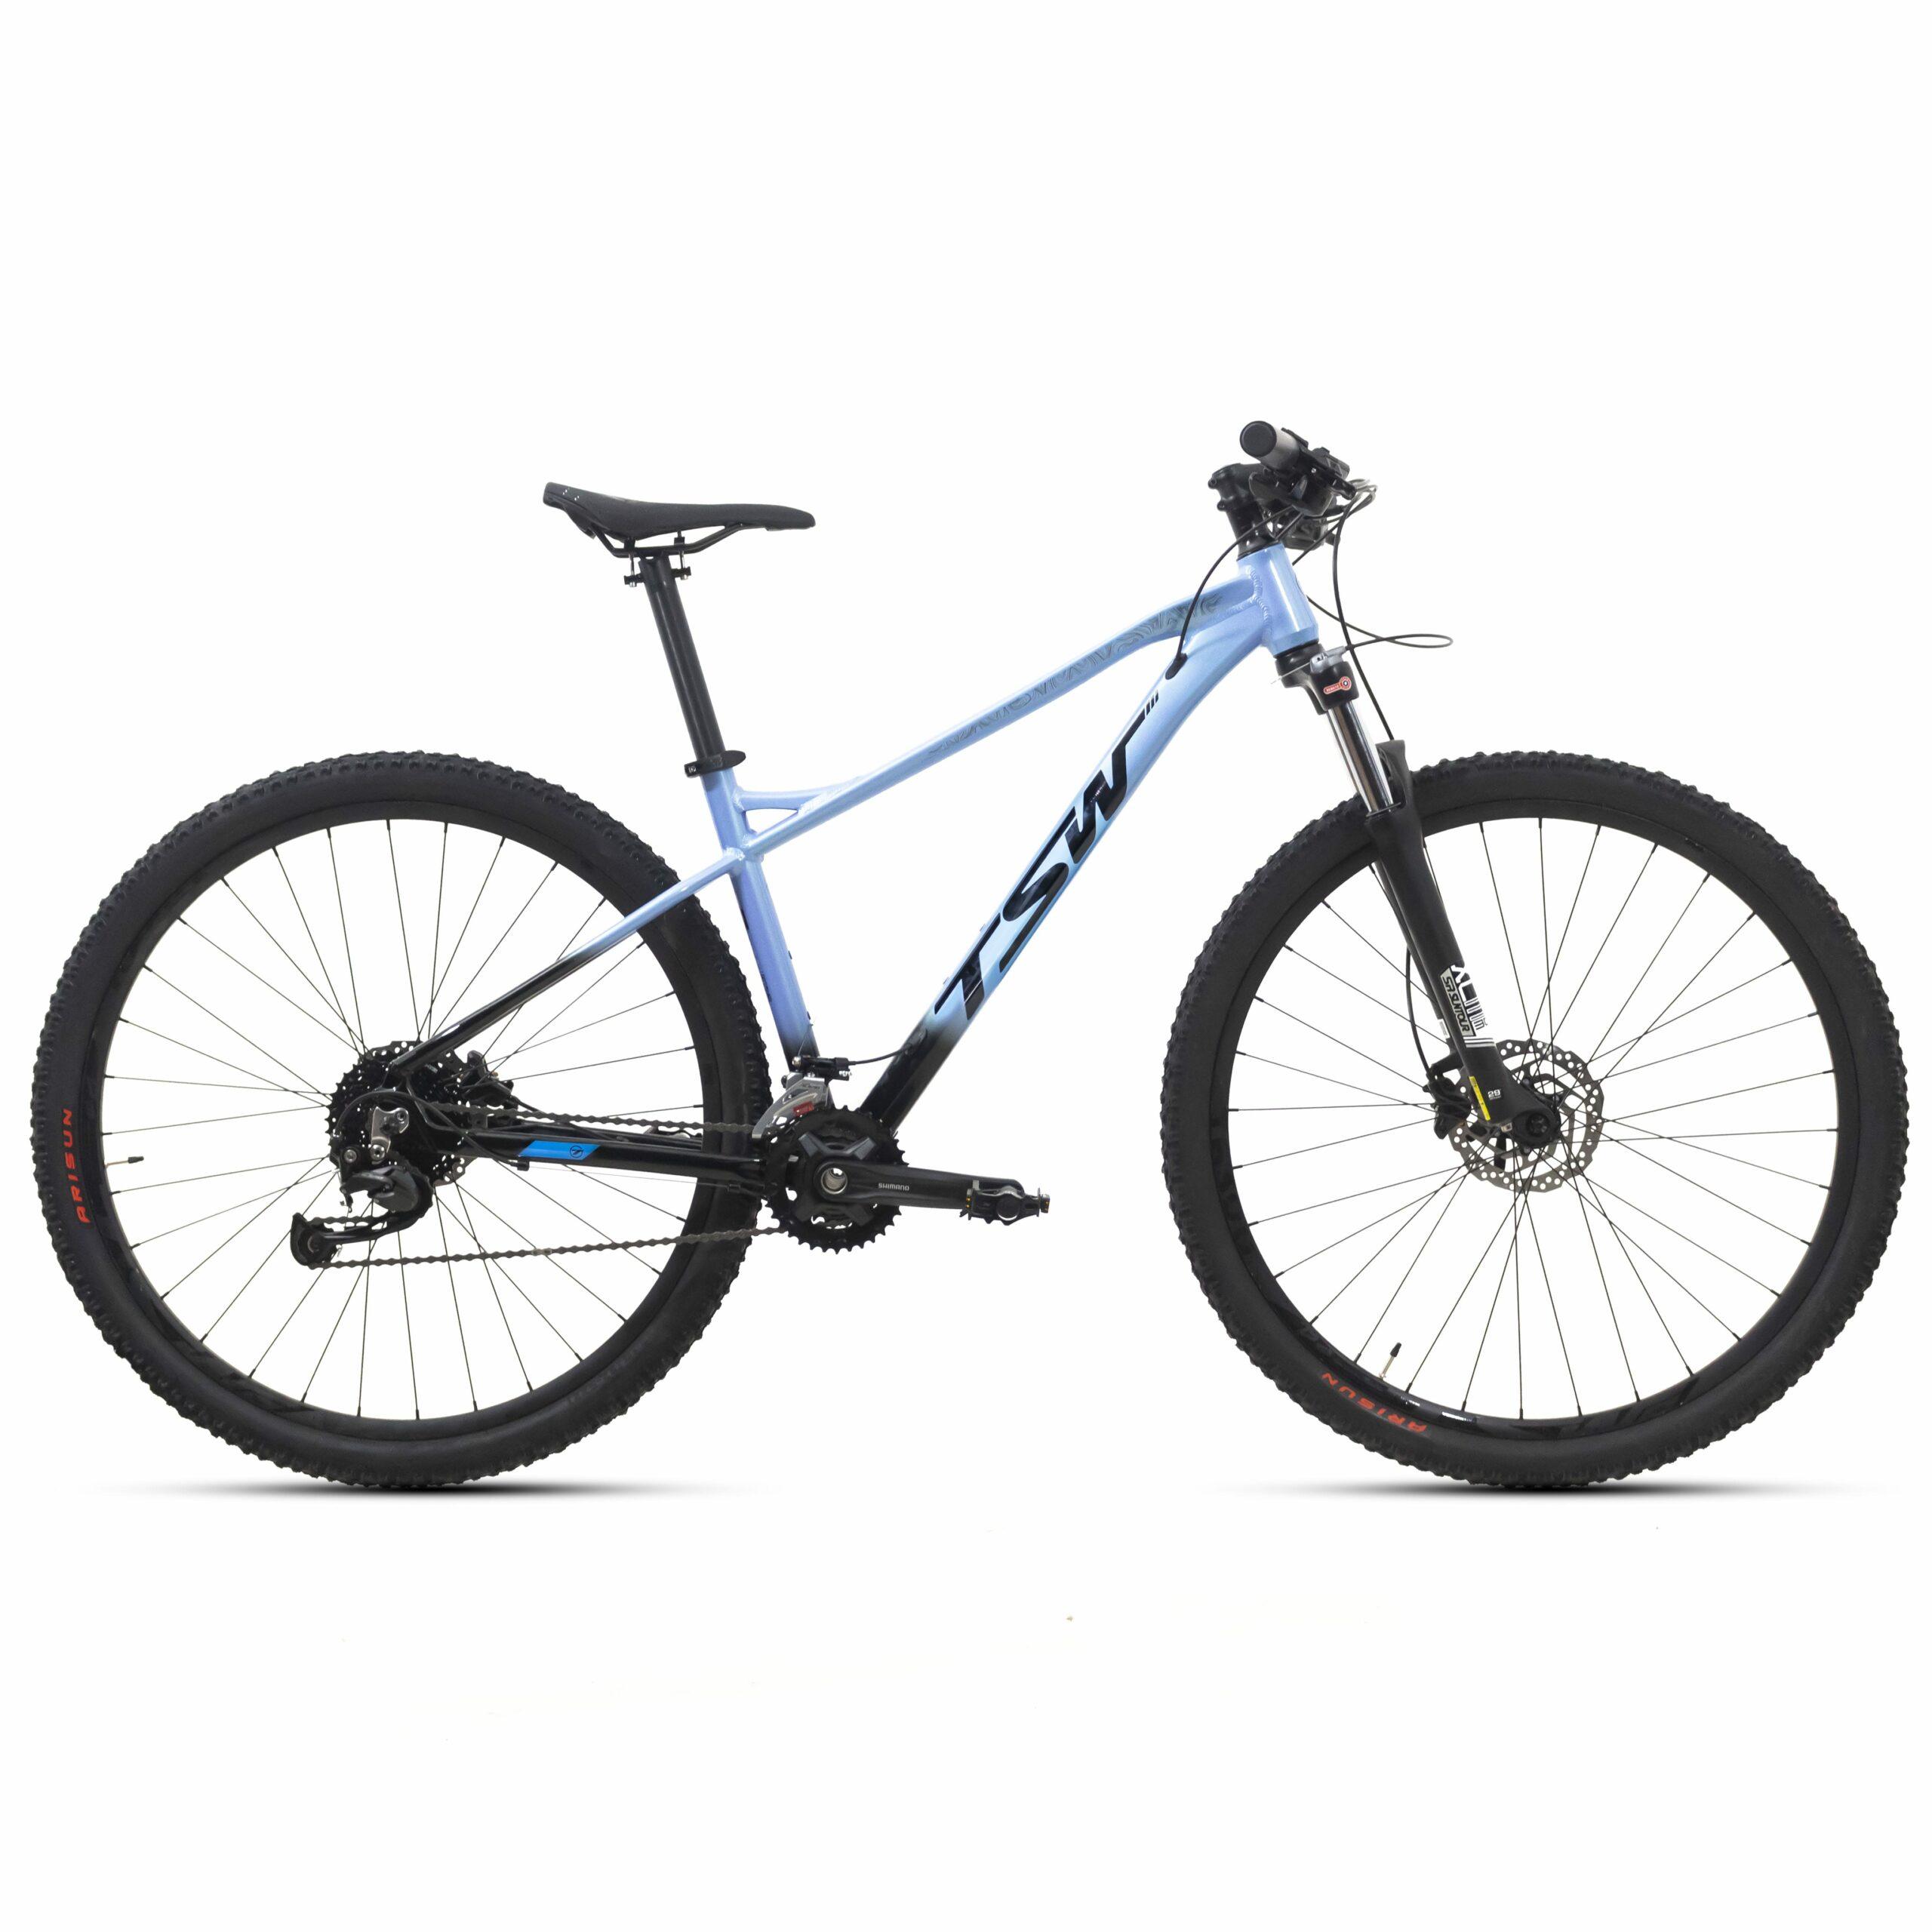 Bicicleta TSW Stamina | 2021/2022 |Linha com Freios X-TIME 3